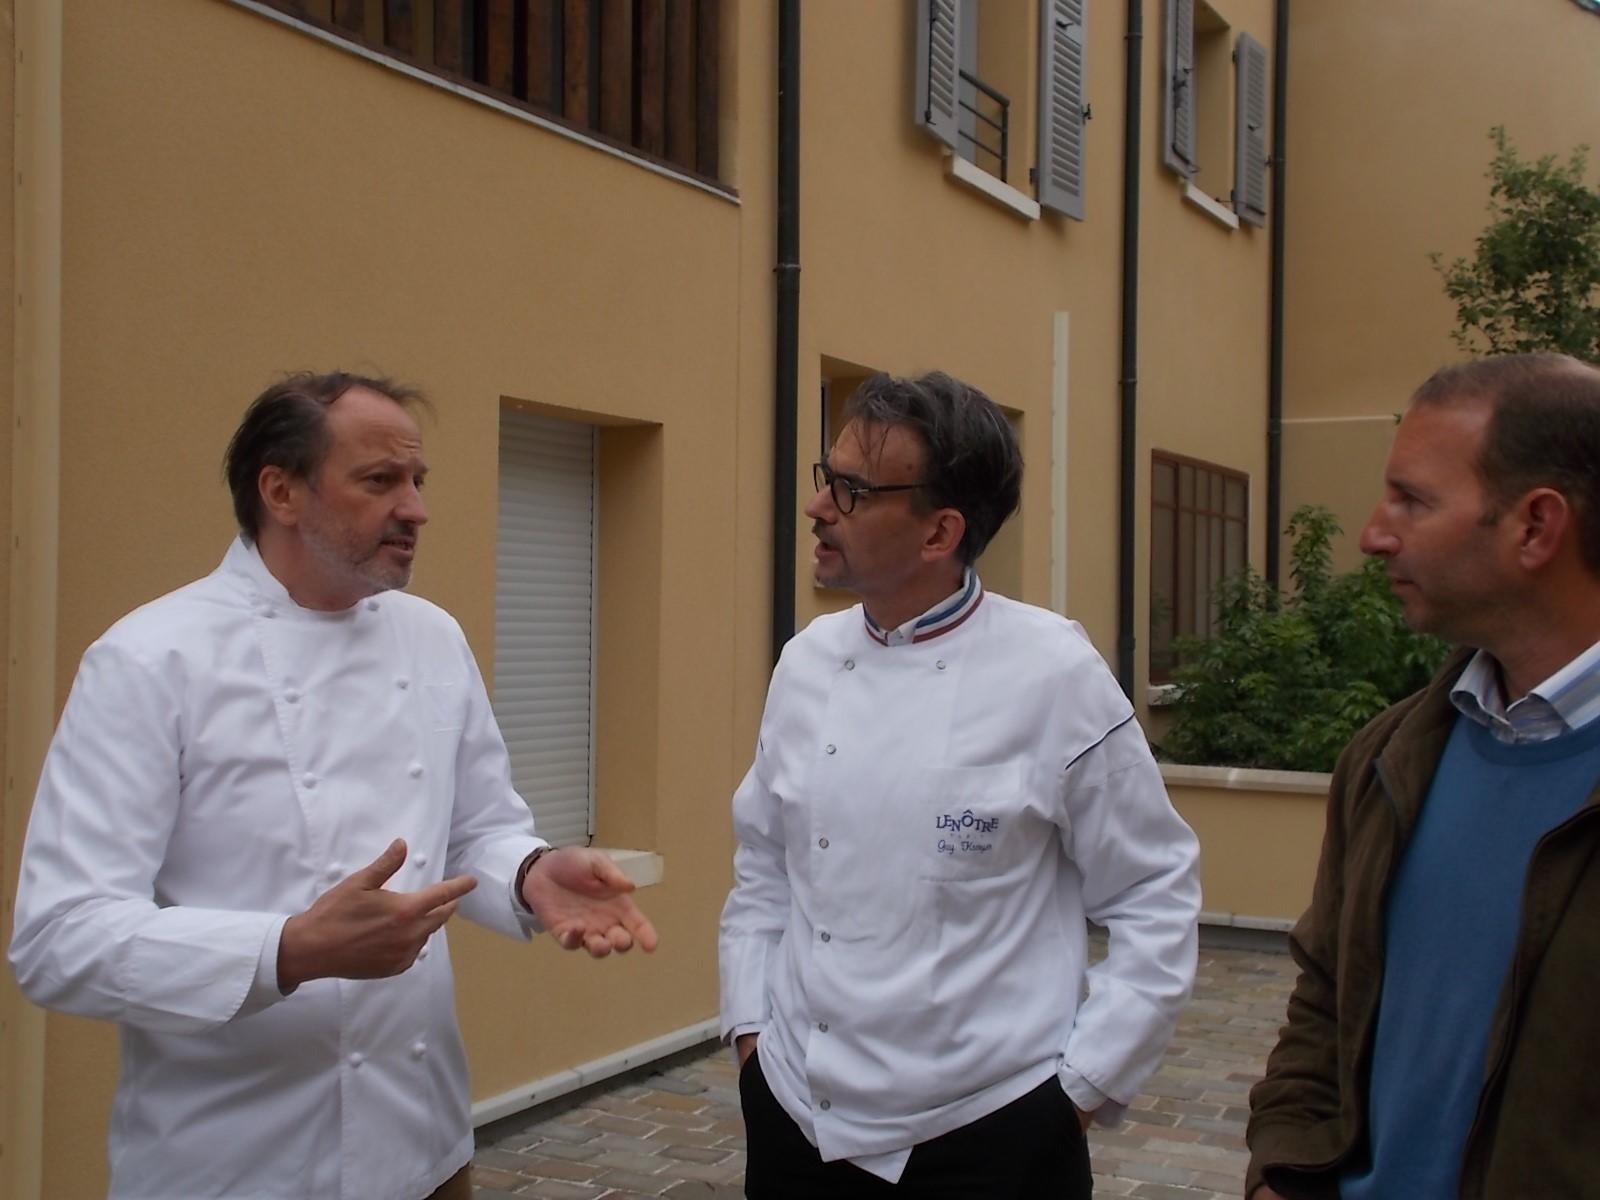 Gilles Vérot de la maison Vérot à Paris, Guy Krenzer MOF chef des créations aux établissements Le Nôtre, Eric Sauceau éleveur de poule de Houdan à Auffargis.